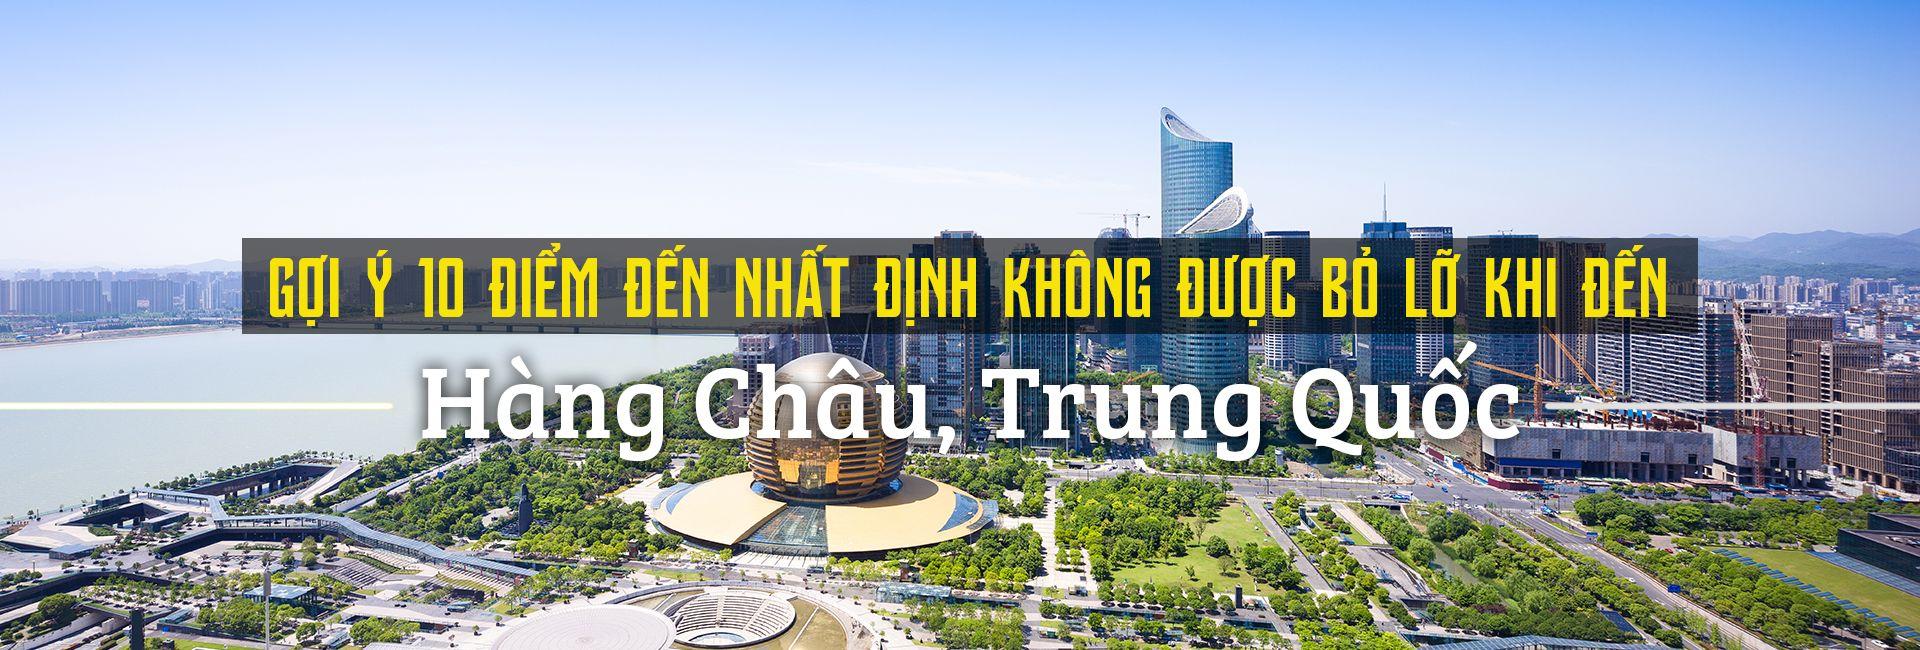 Top 10 địa điểm du lịch nổi bật nhất Hàng Châu, Trung Quốc